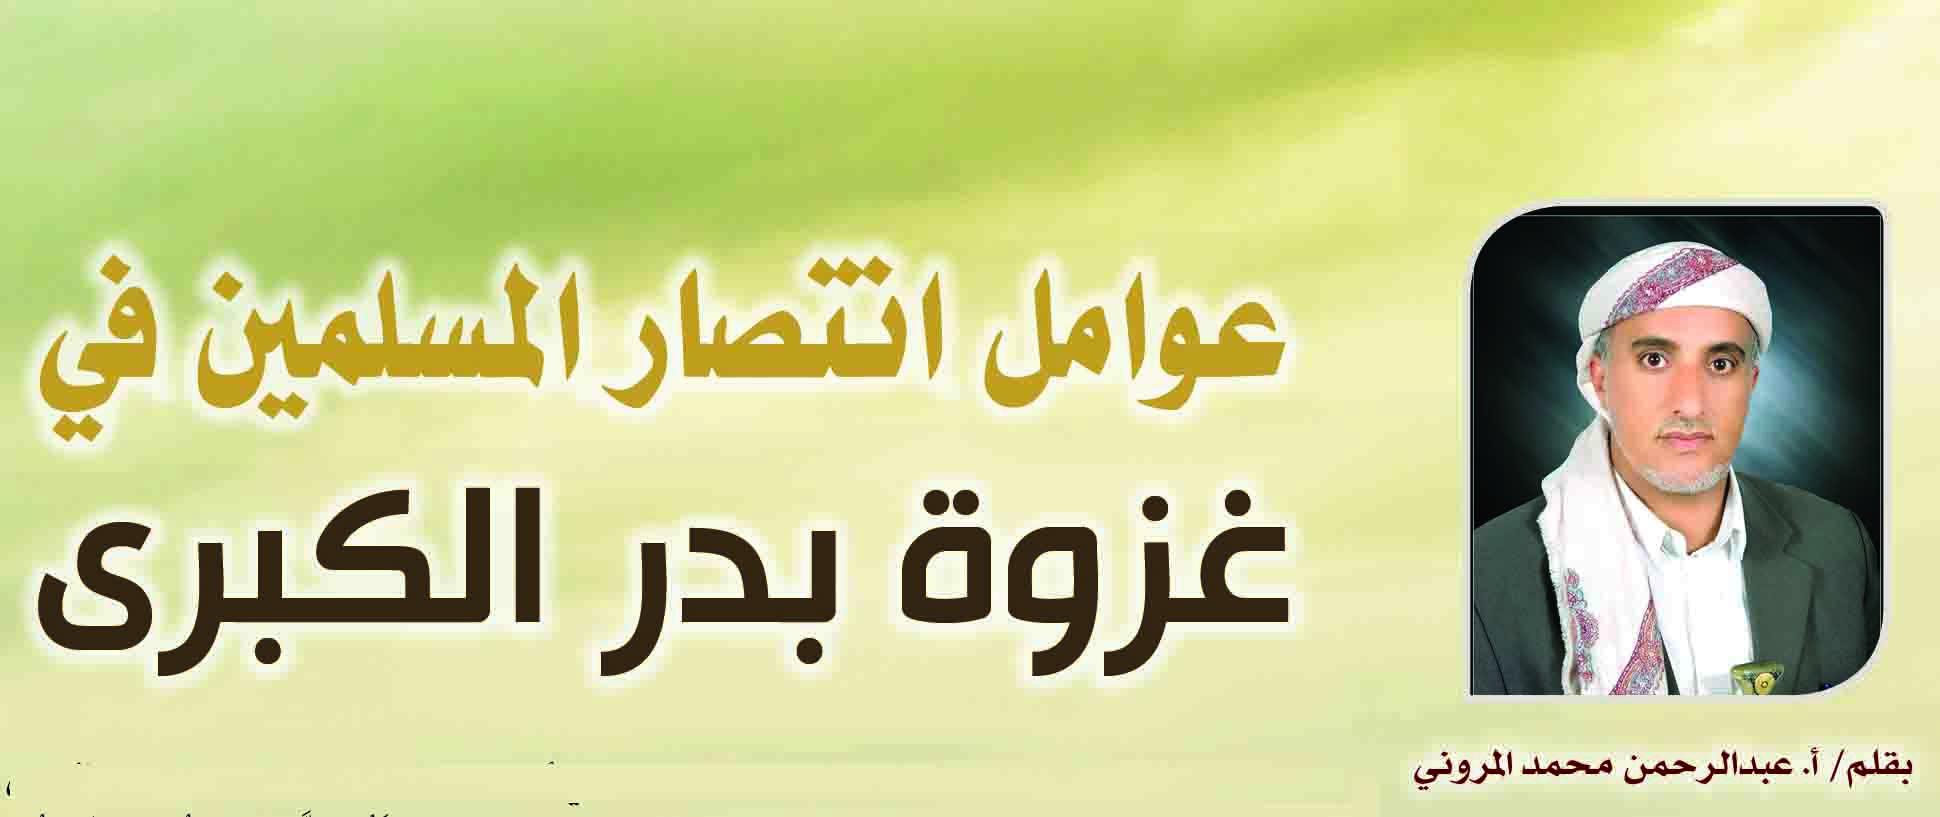 عوامل انتصار المسلمين في غزوة بدر الكبرى رابطة علماء اليمن